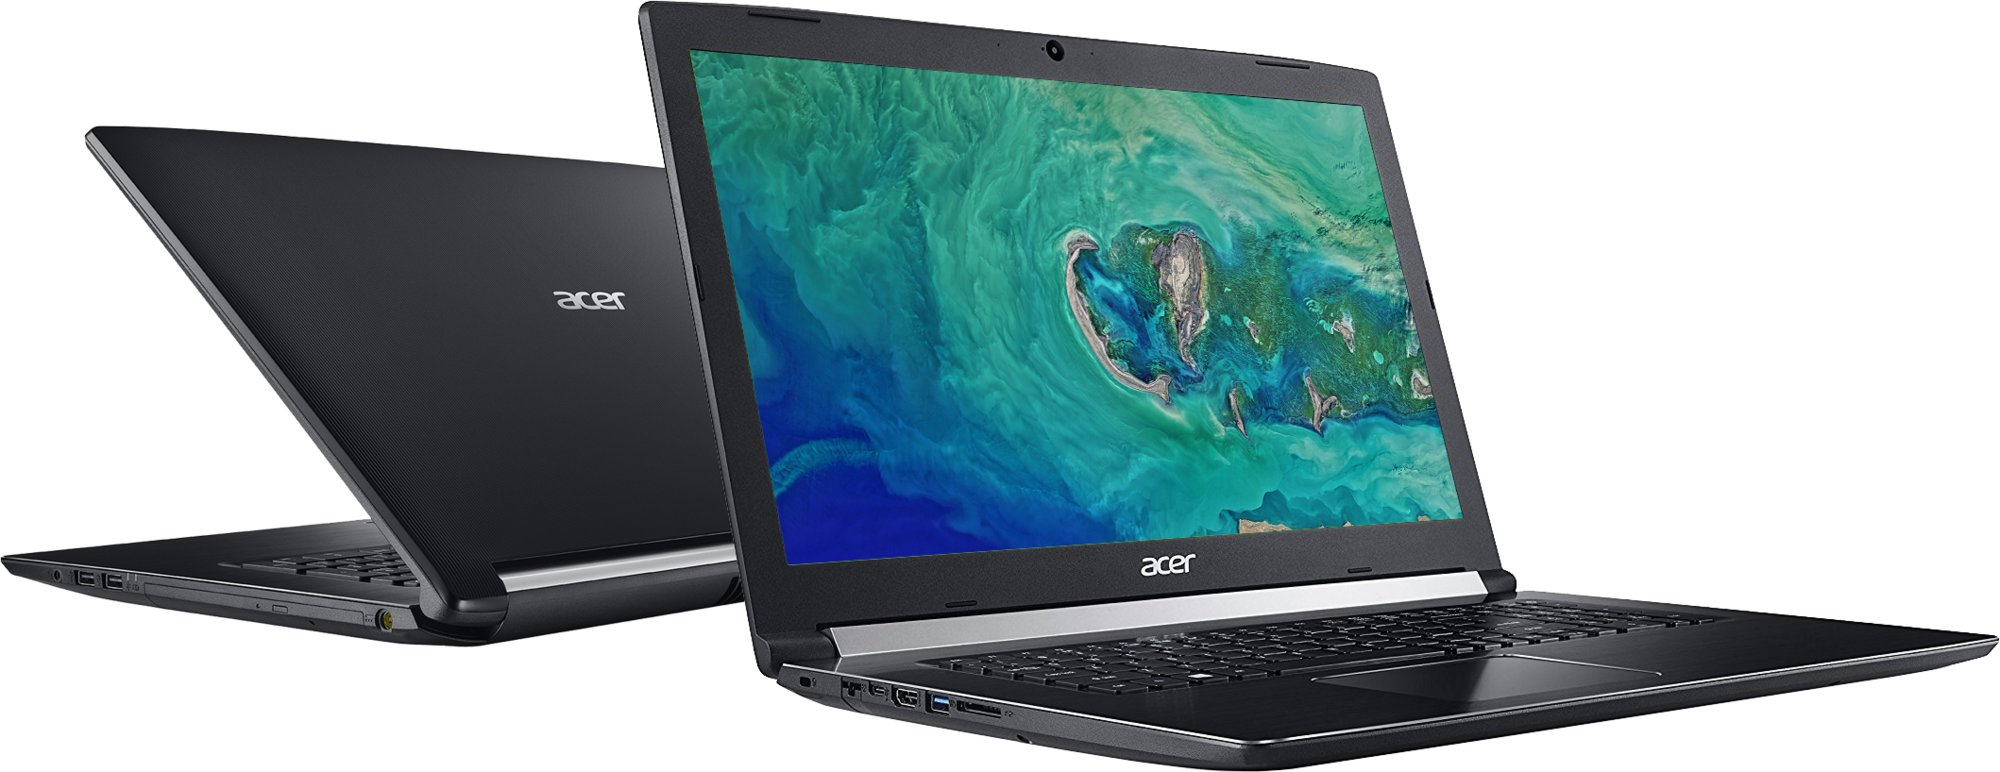 Acer Aspire 5 A517-51-57MF